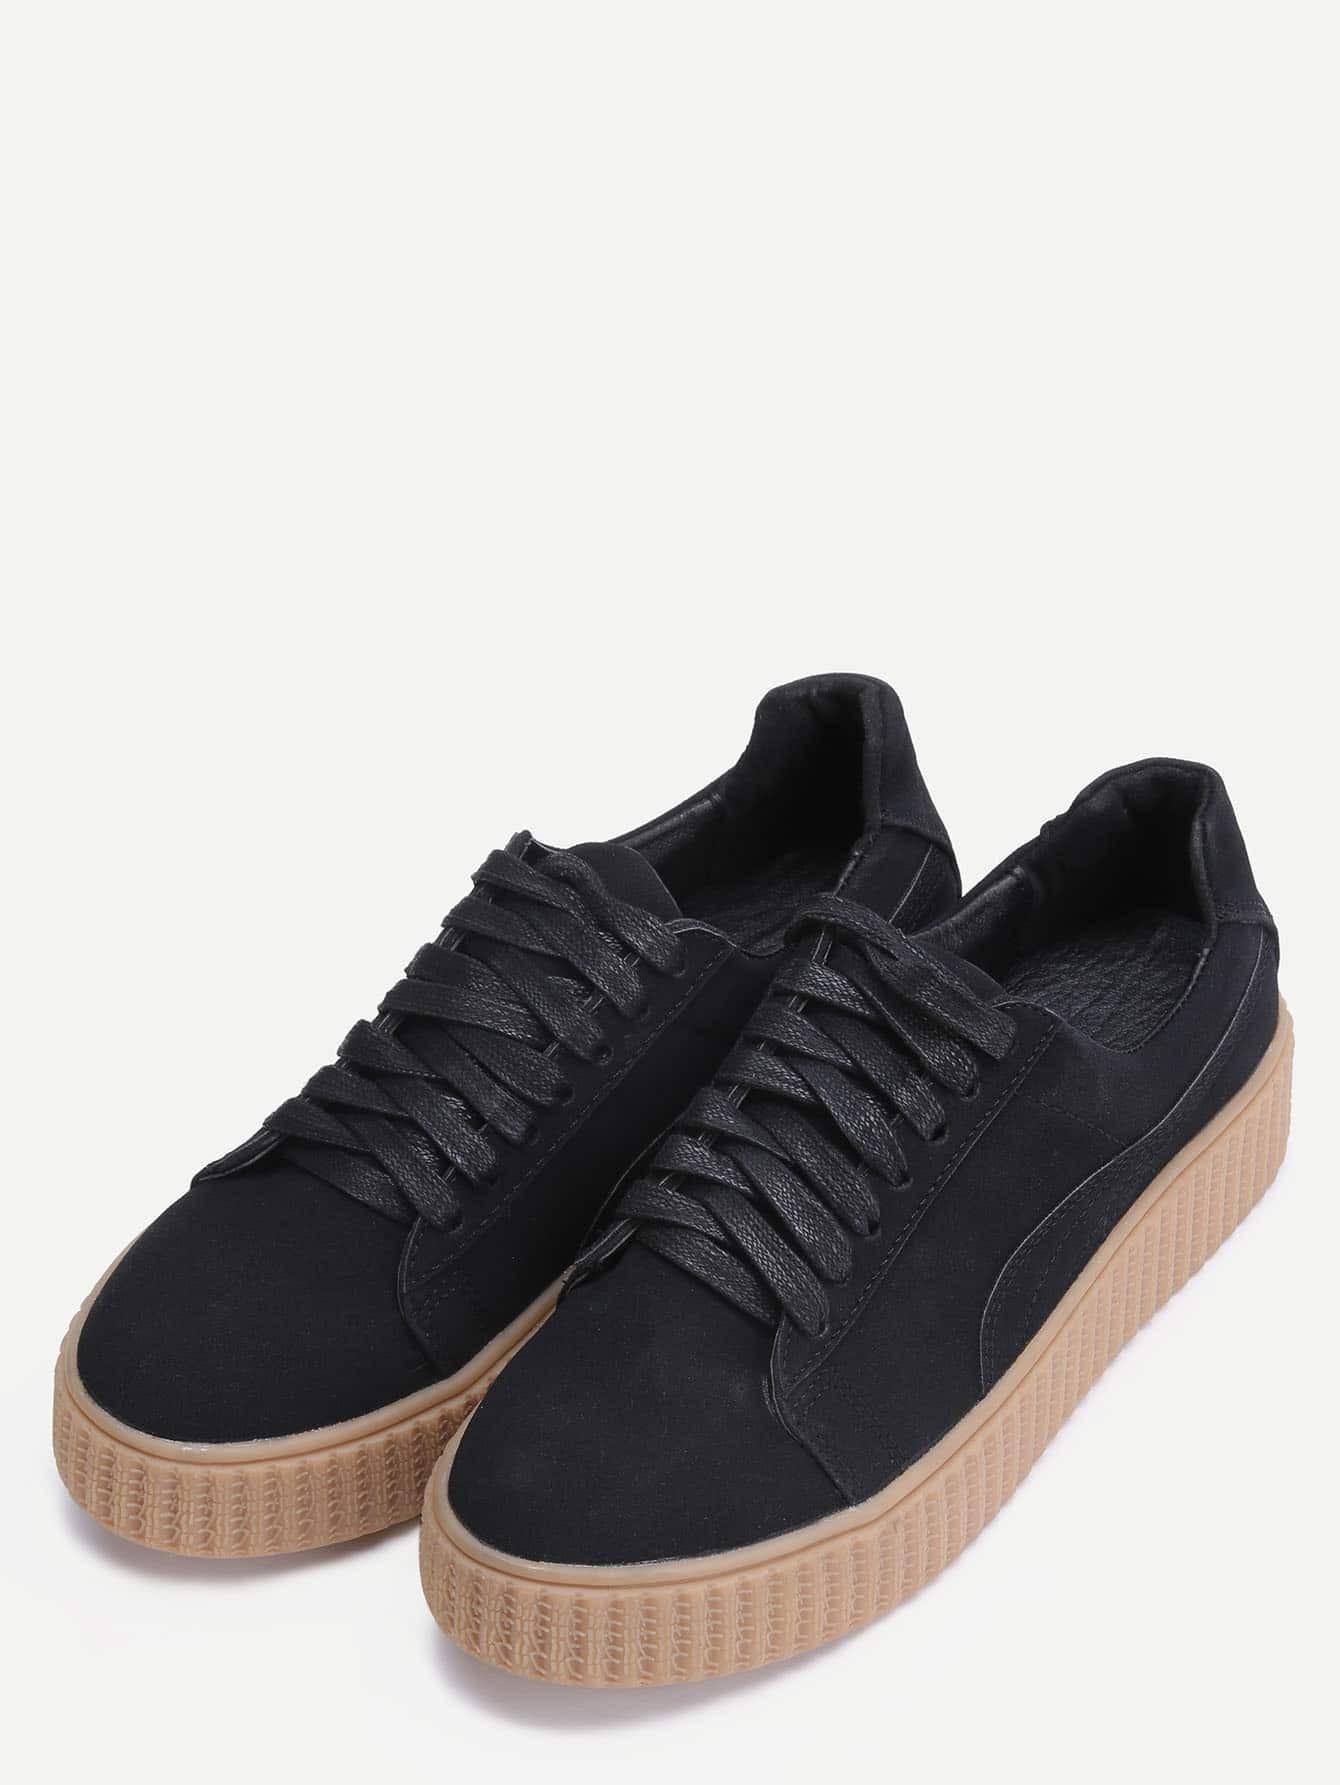 shoes160905803_2